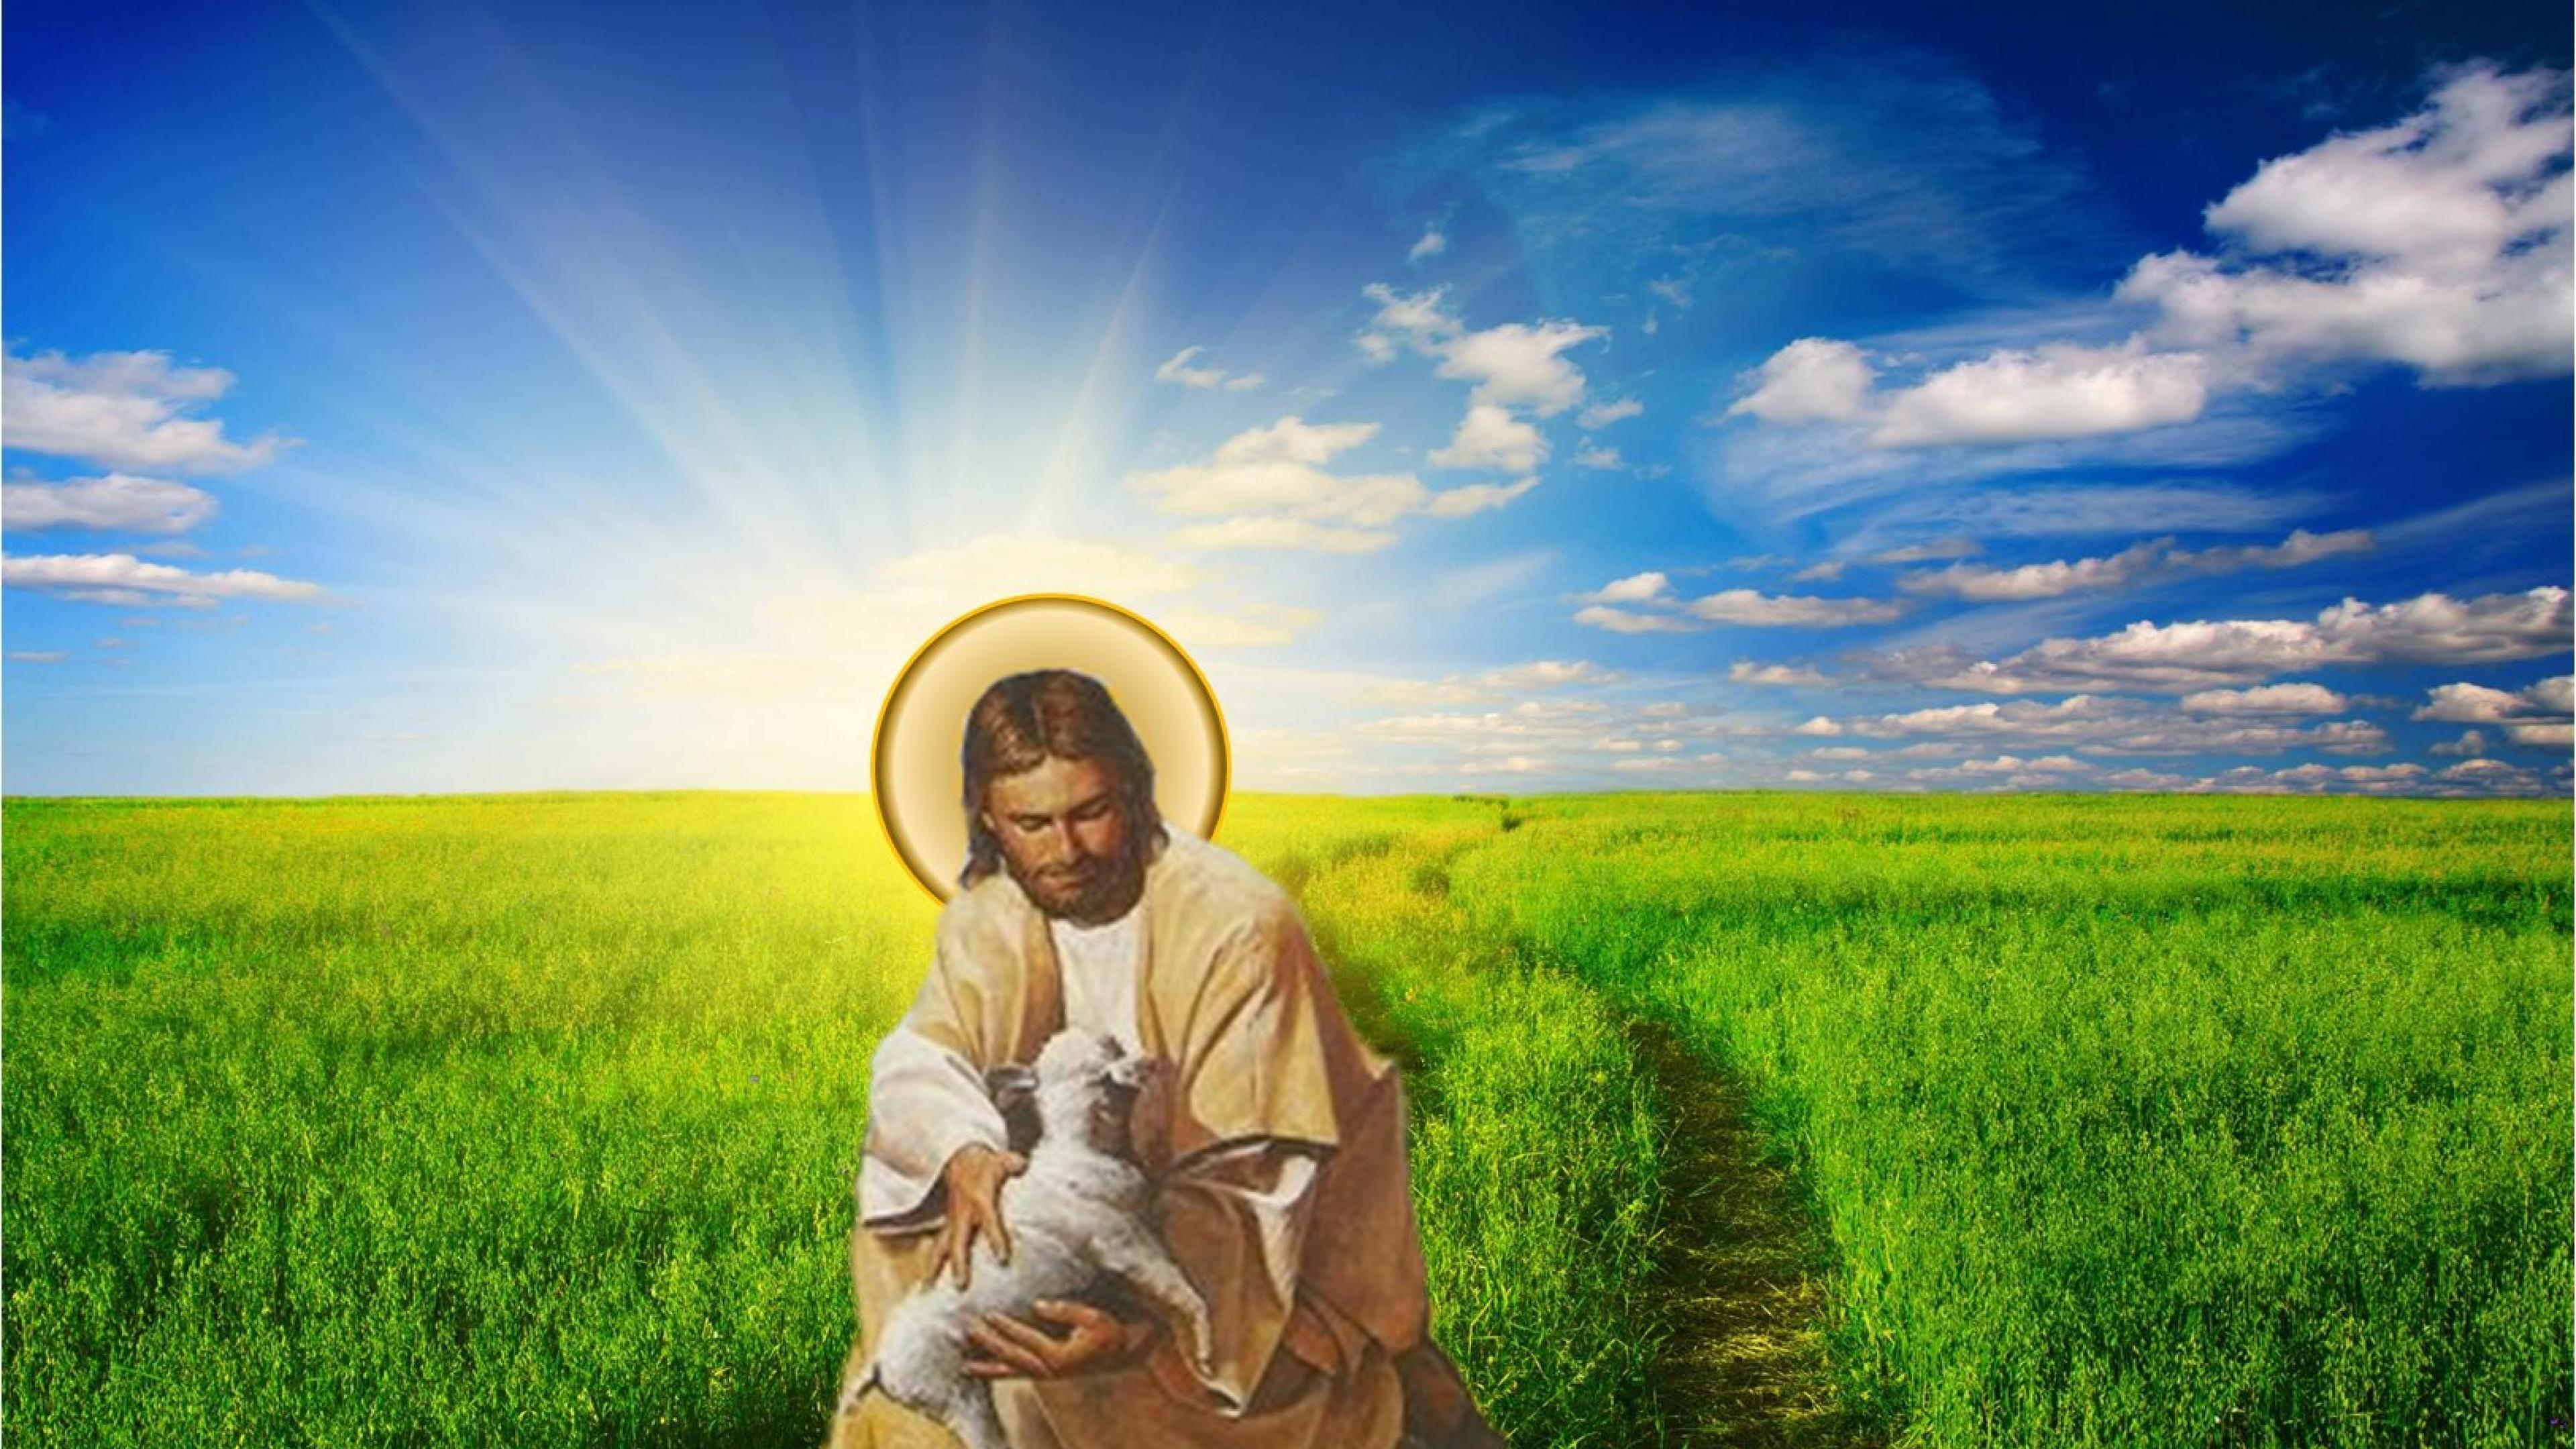 Христианские Обои На Рабочий